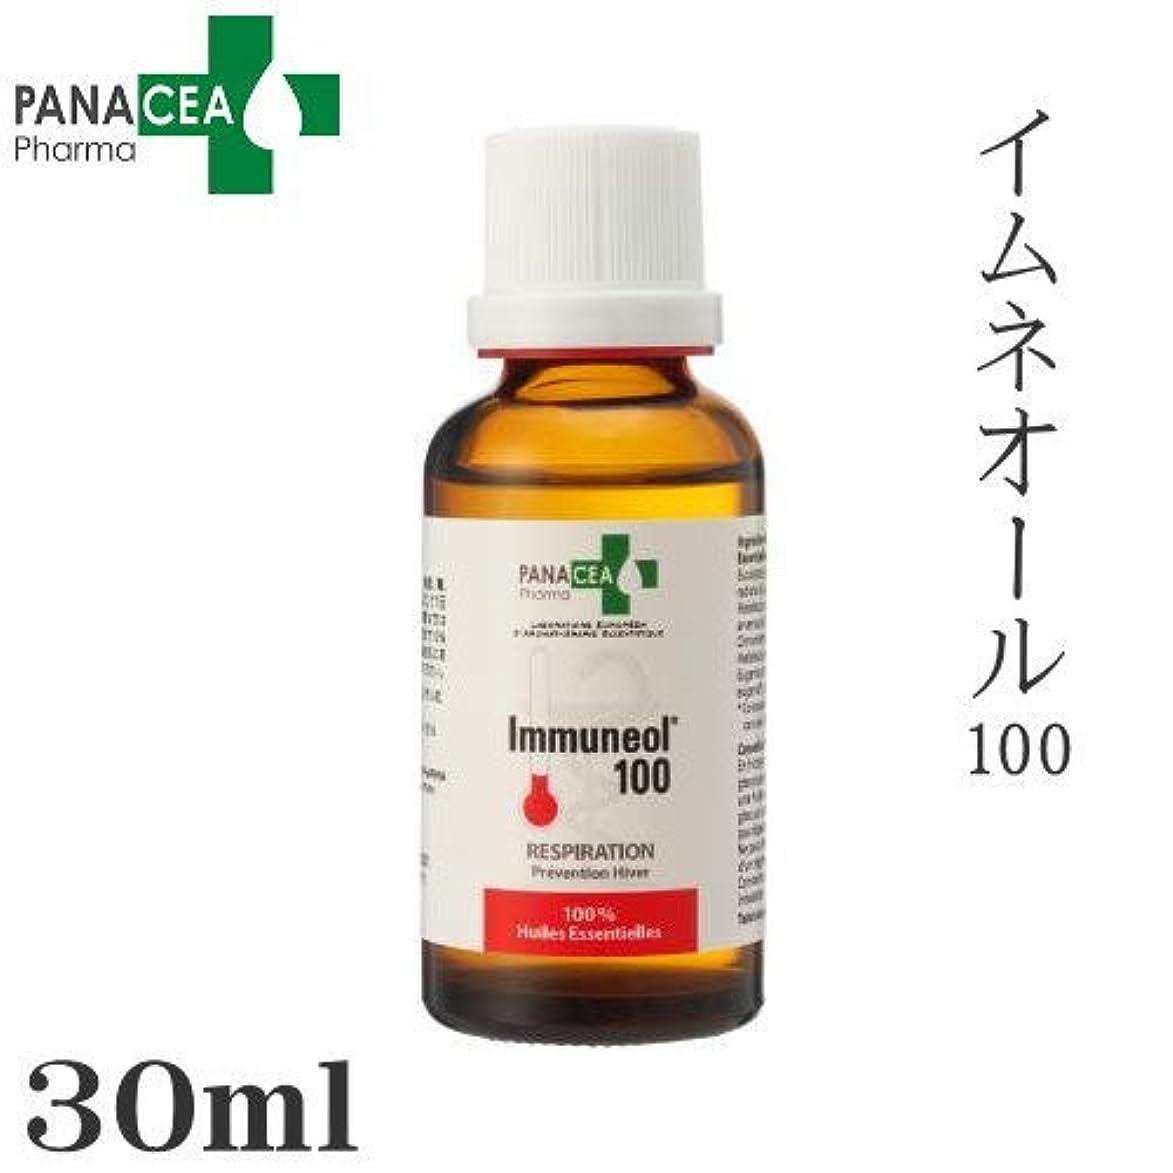 流用する徹底後悔PANACEA PHARMA パナセア ファルマイムネオール100 正規品